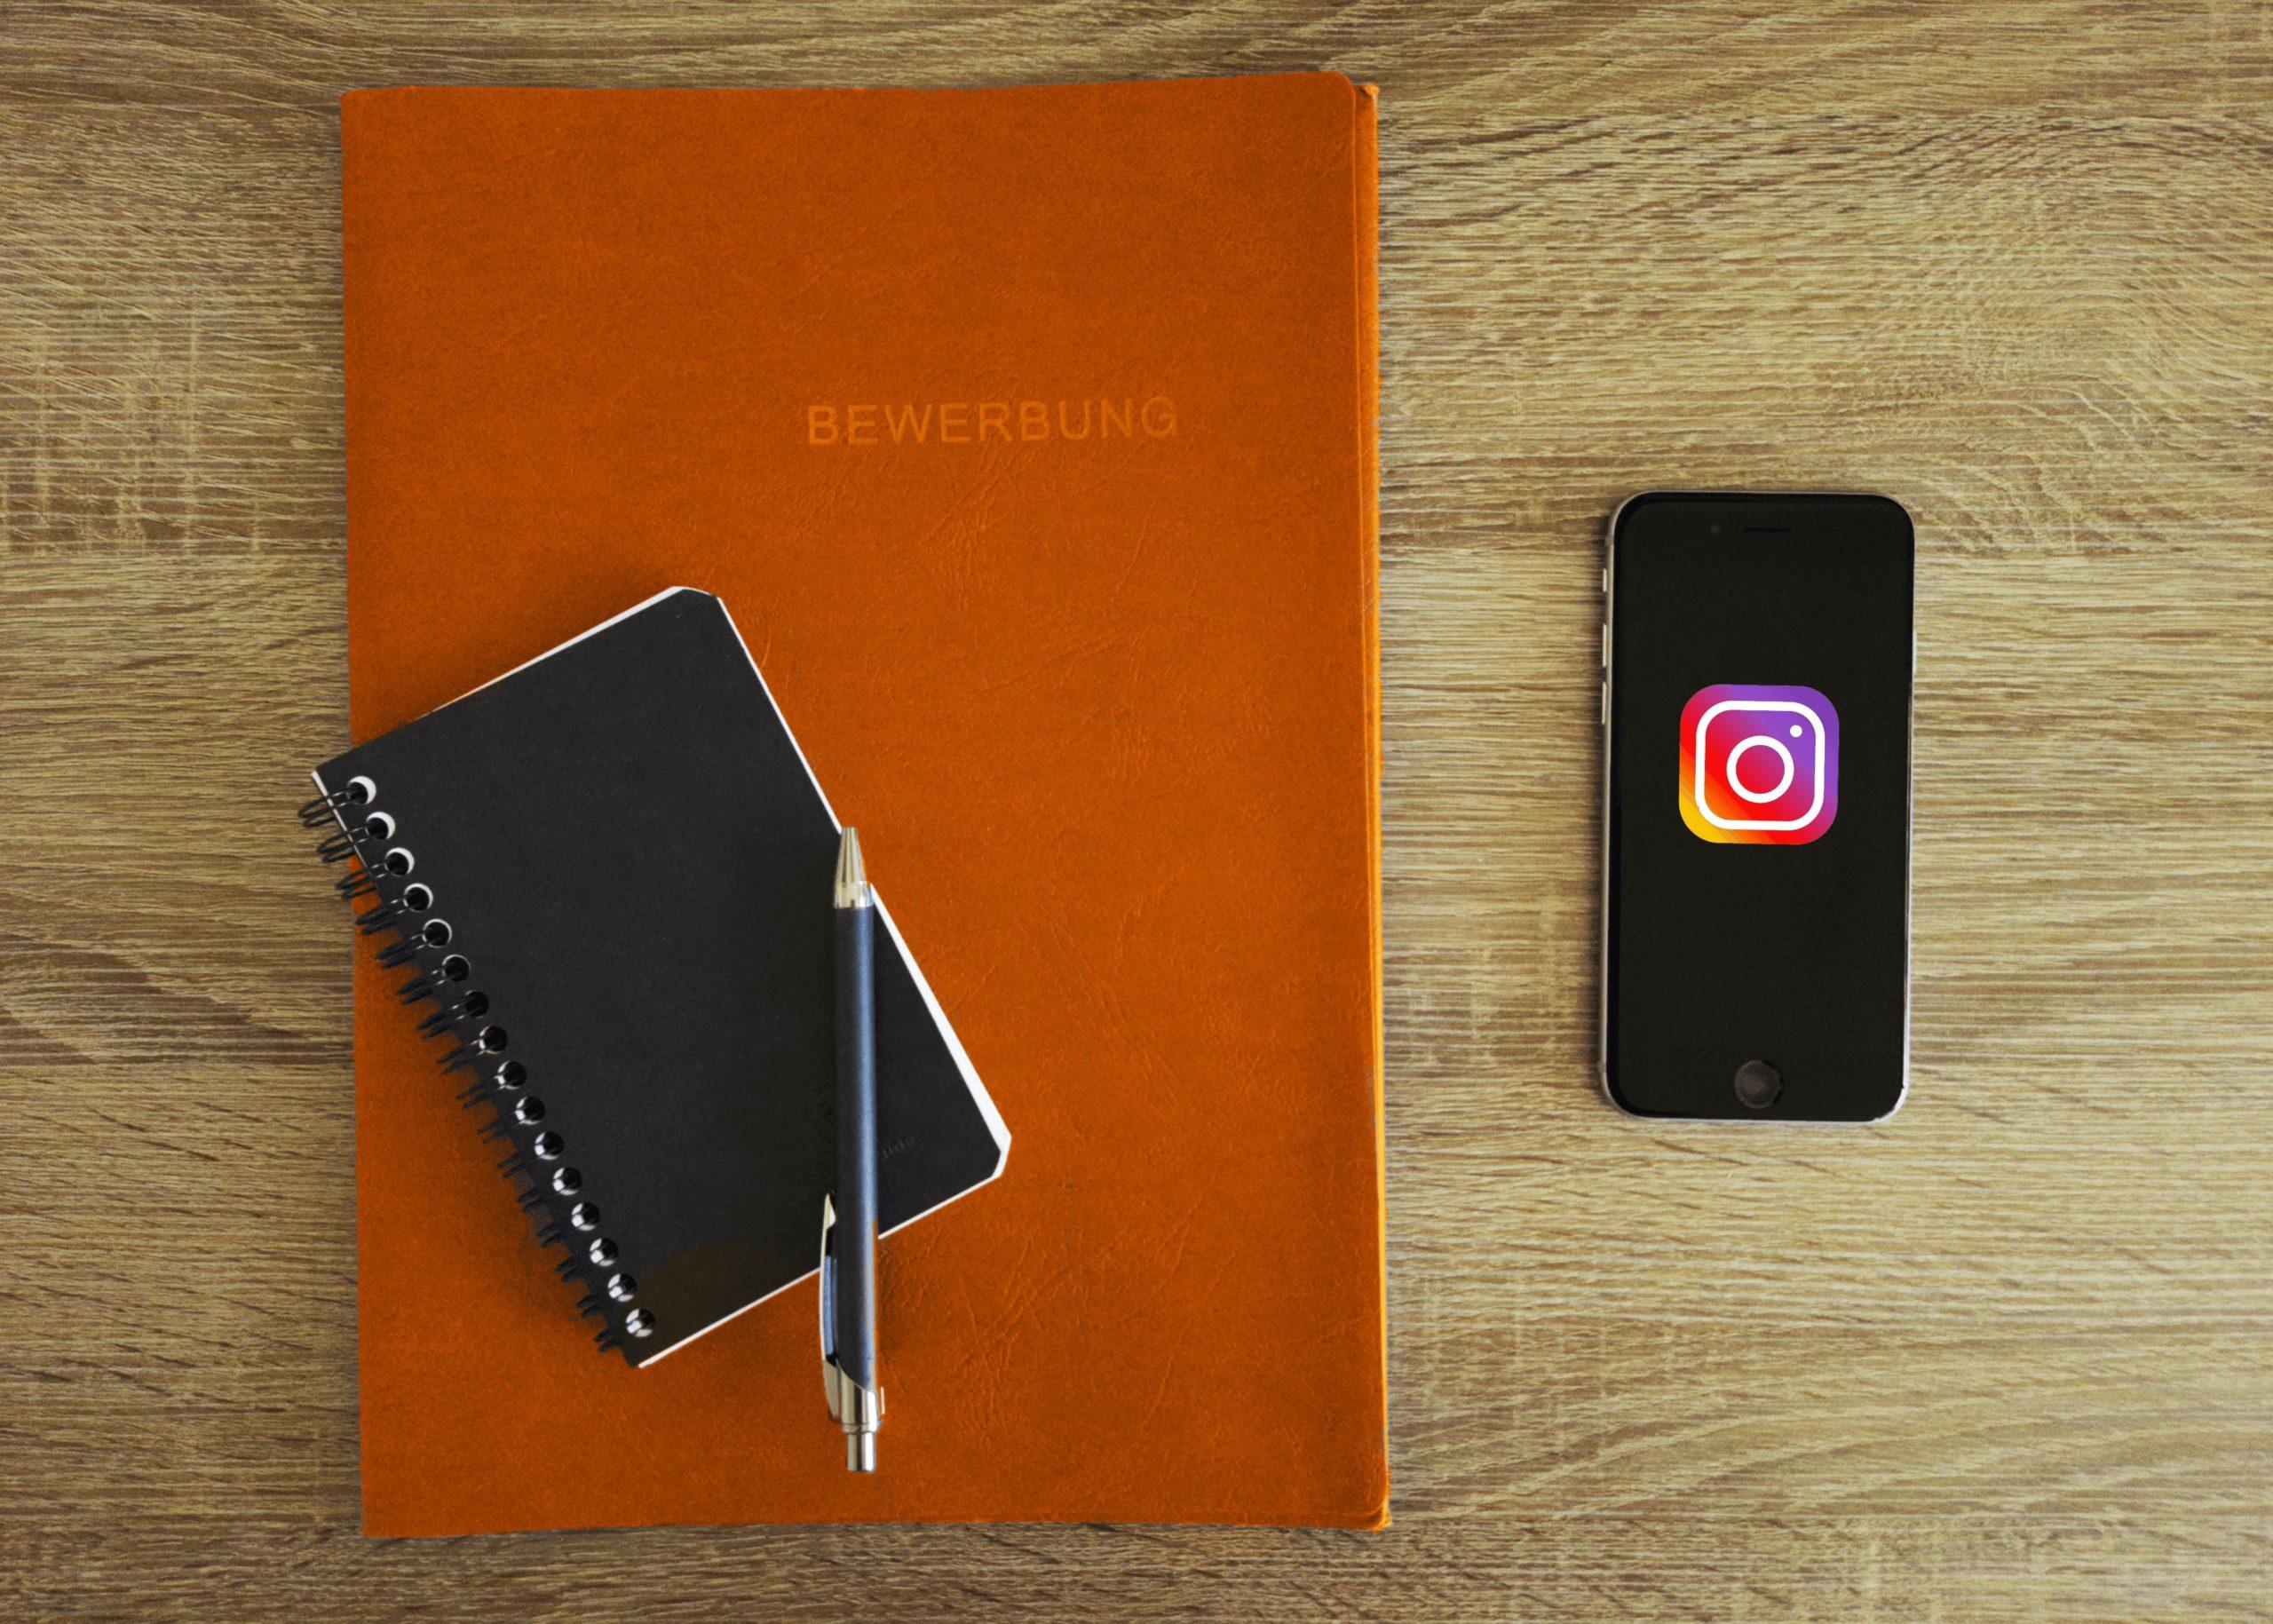 Instagram Recruiting: Bewerbungsunterlagen und Smartphone